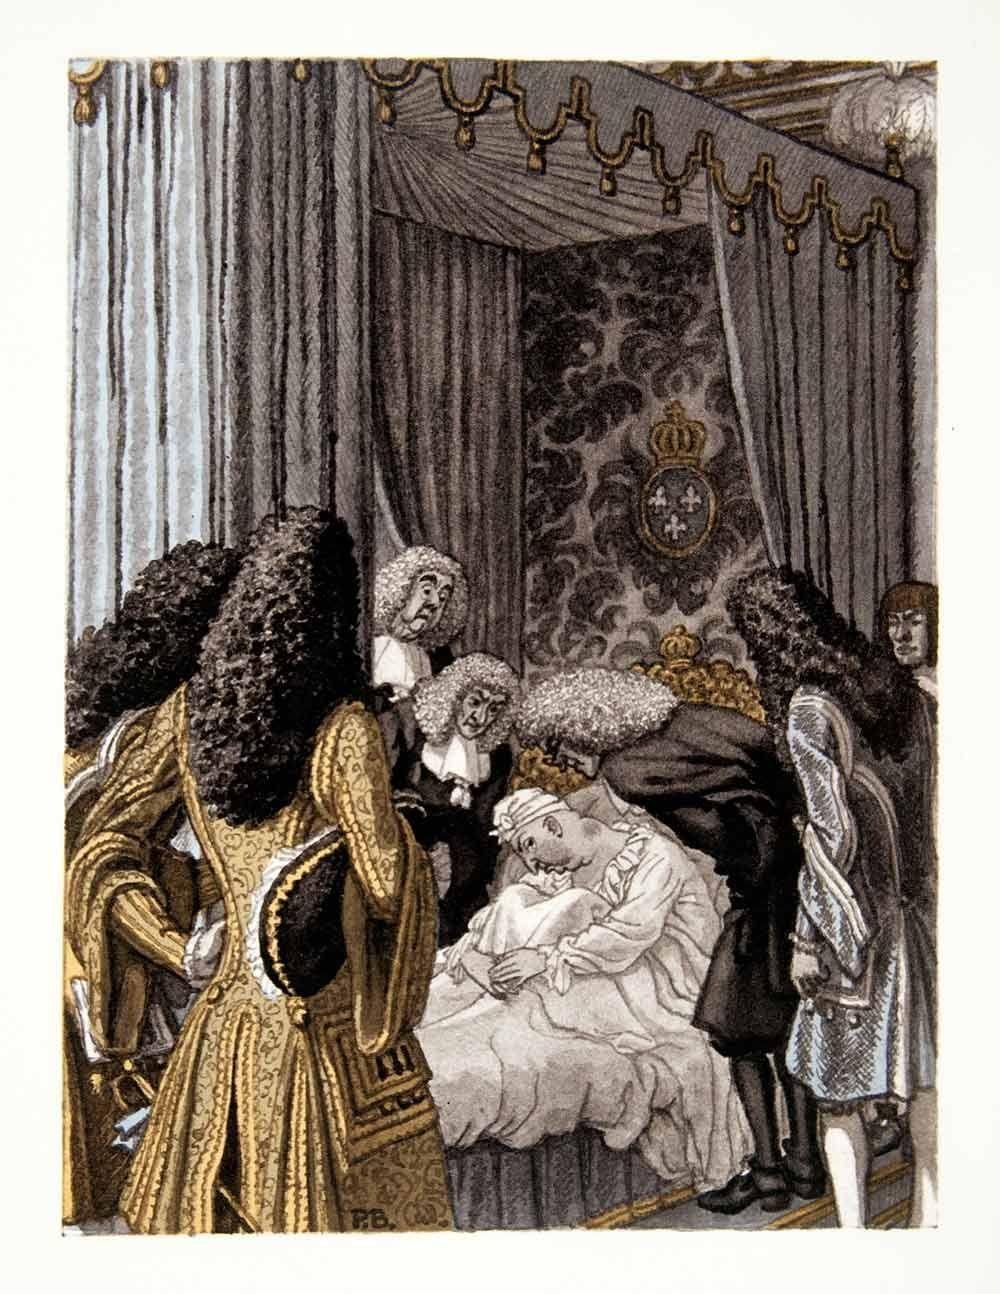 Pierre Brissaud (1885 – 1964). Louis XIV alité. Gravure photolithographique, 1959. [Pinned 5-vii-2015]